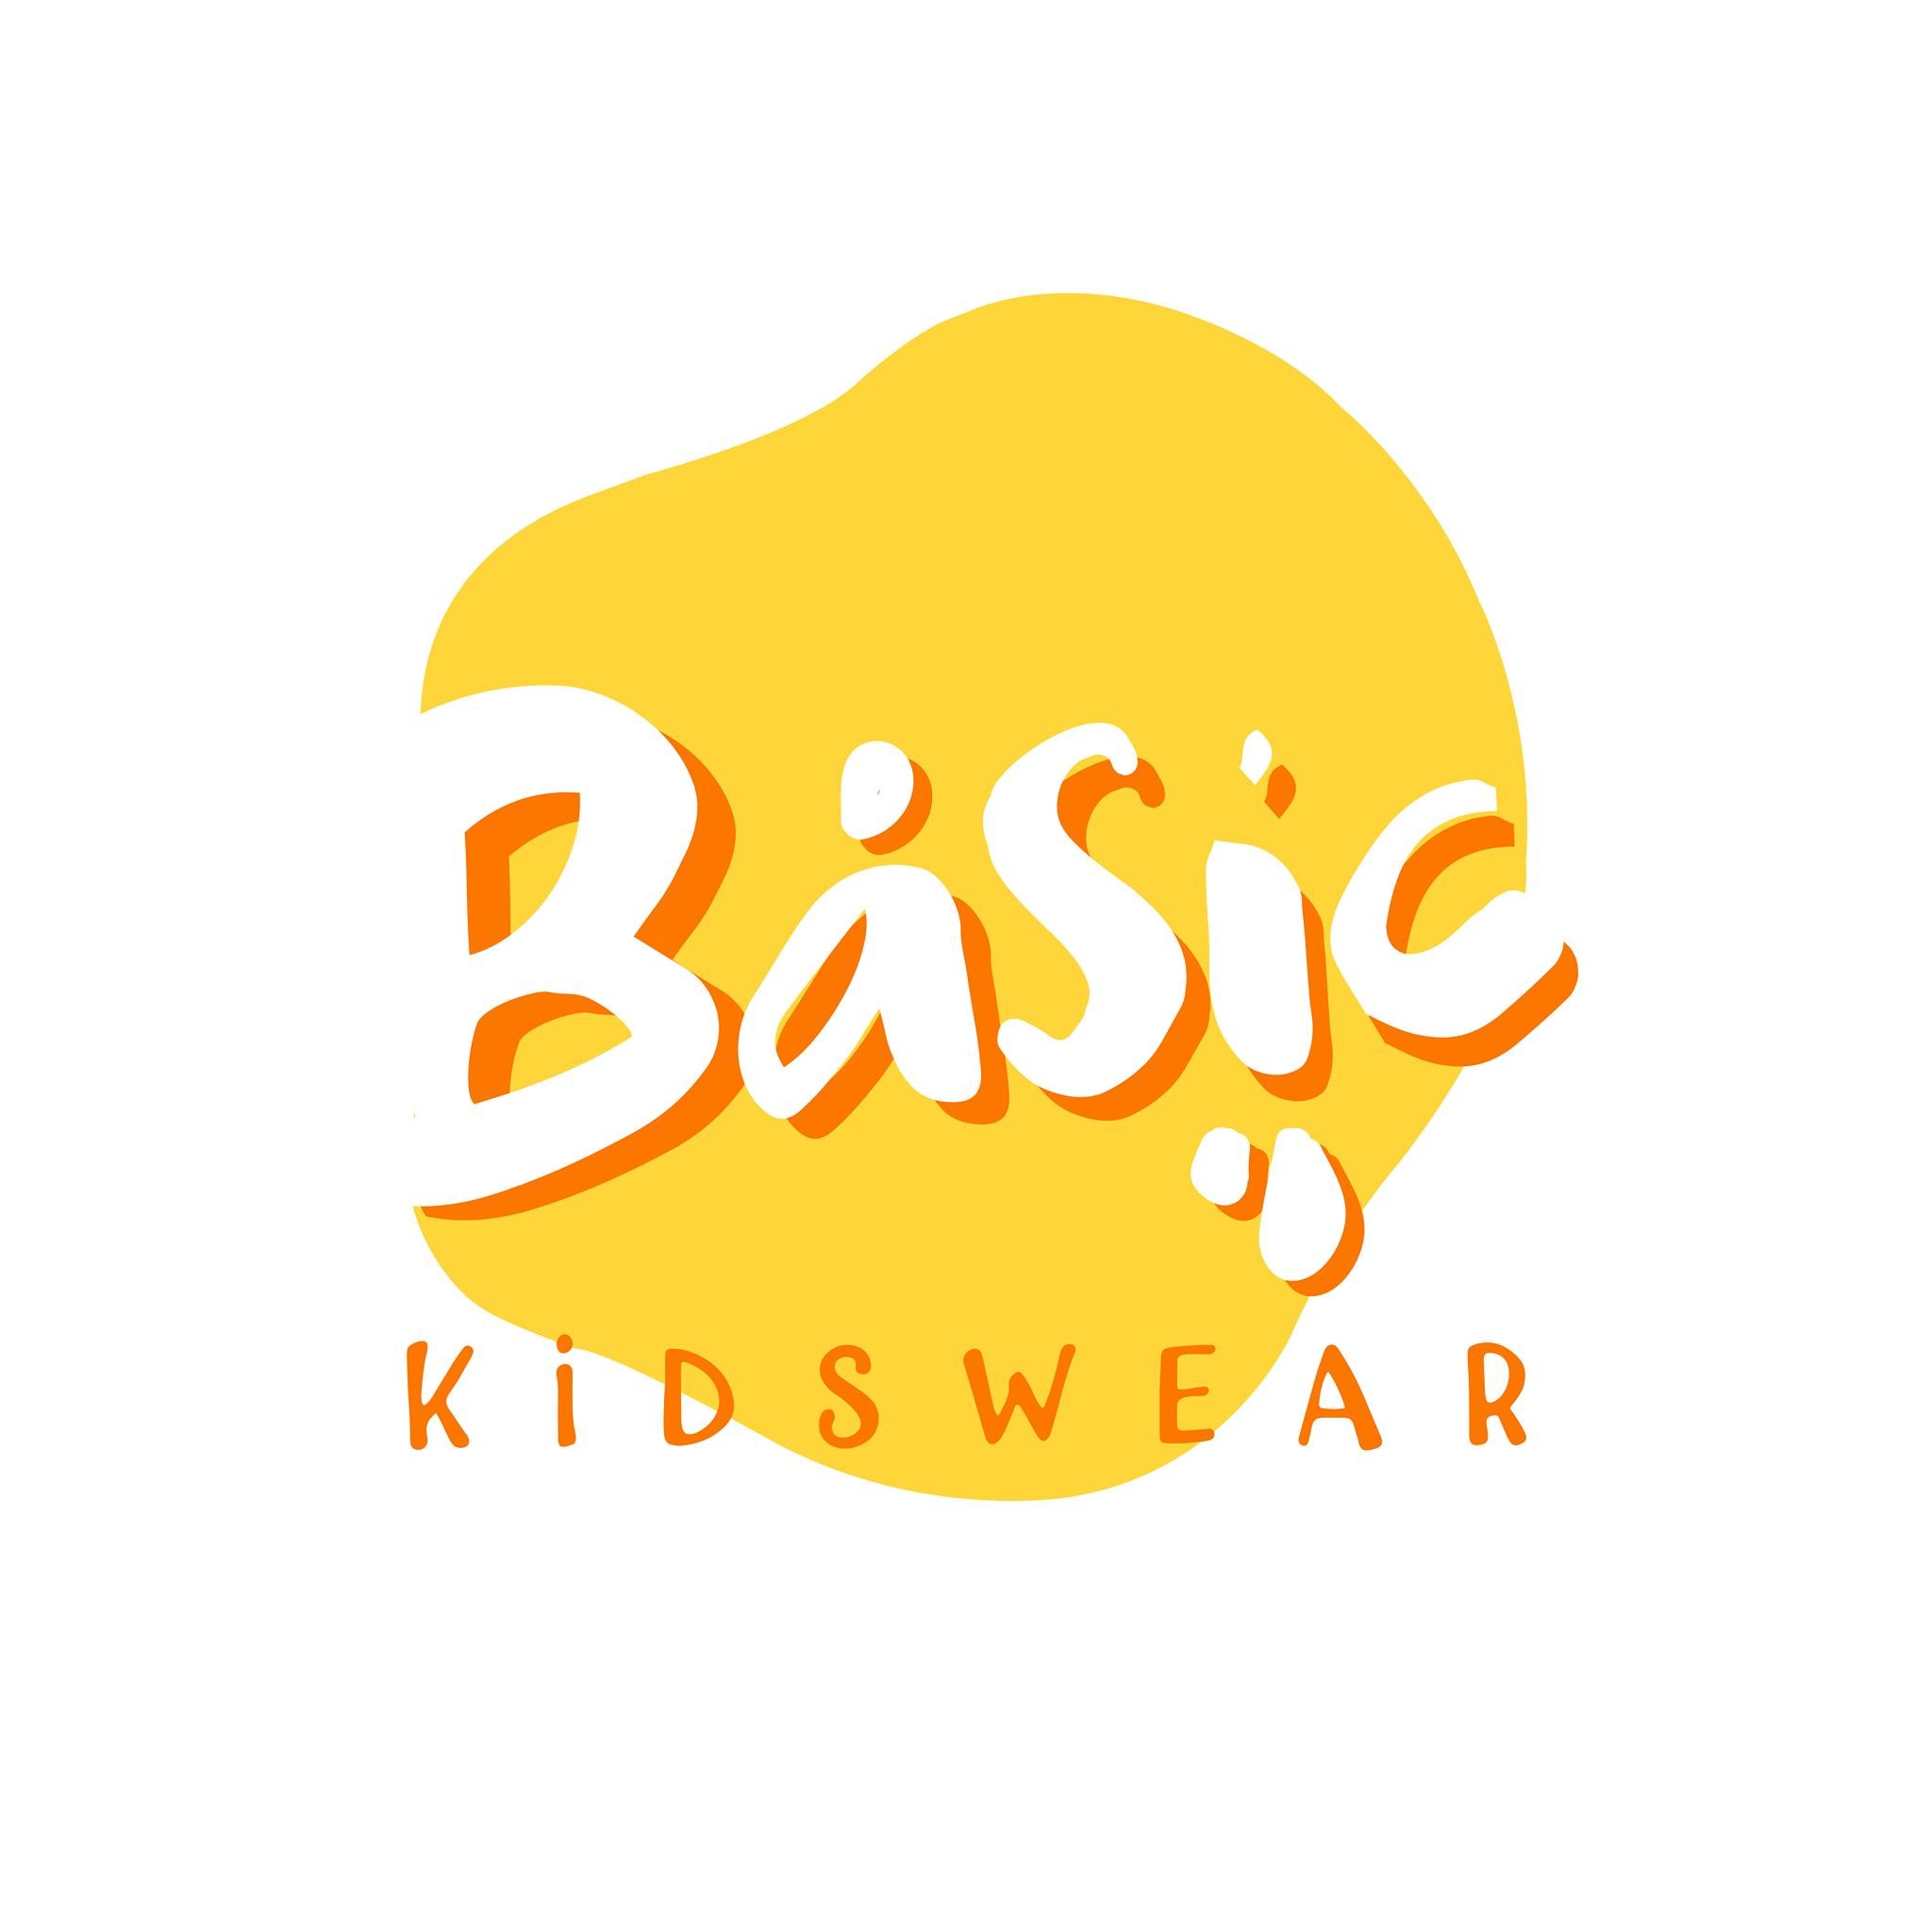 Basic Kidswear